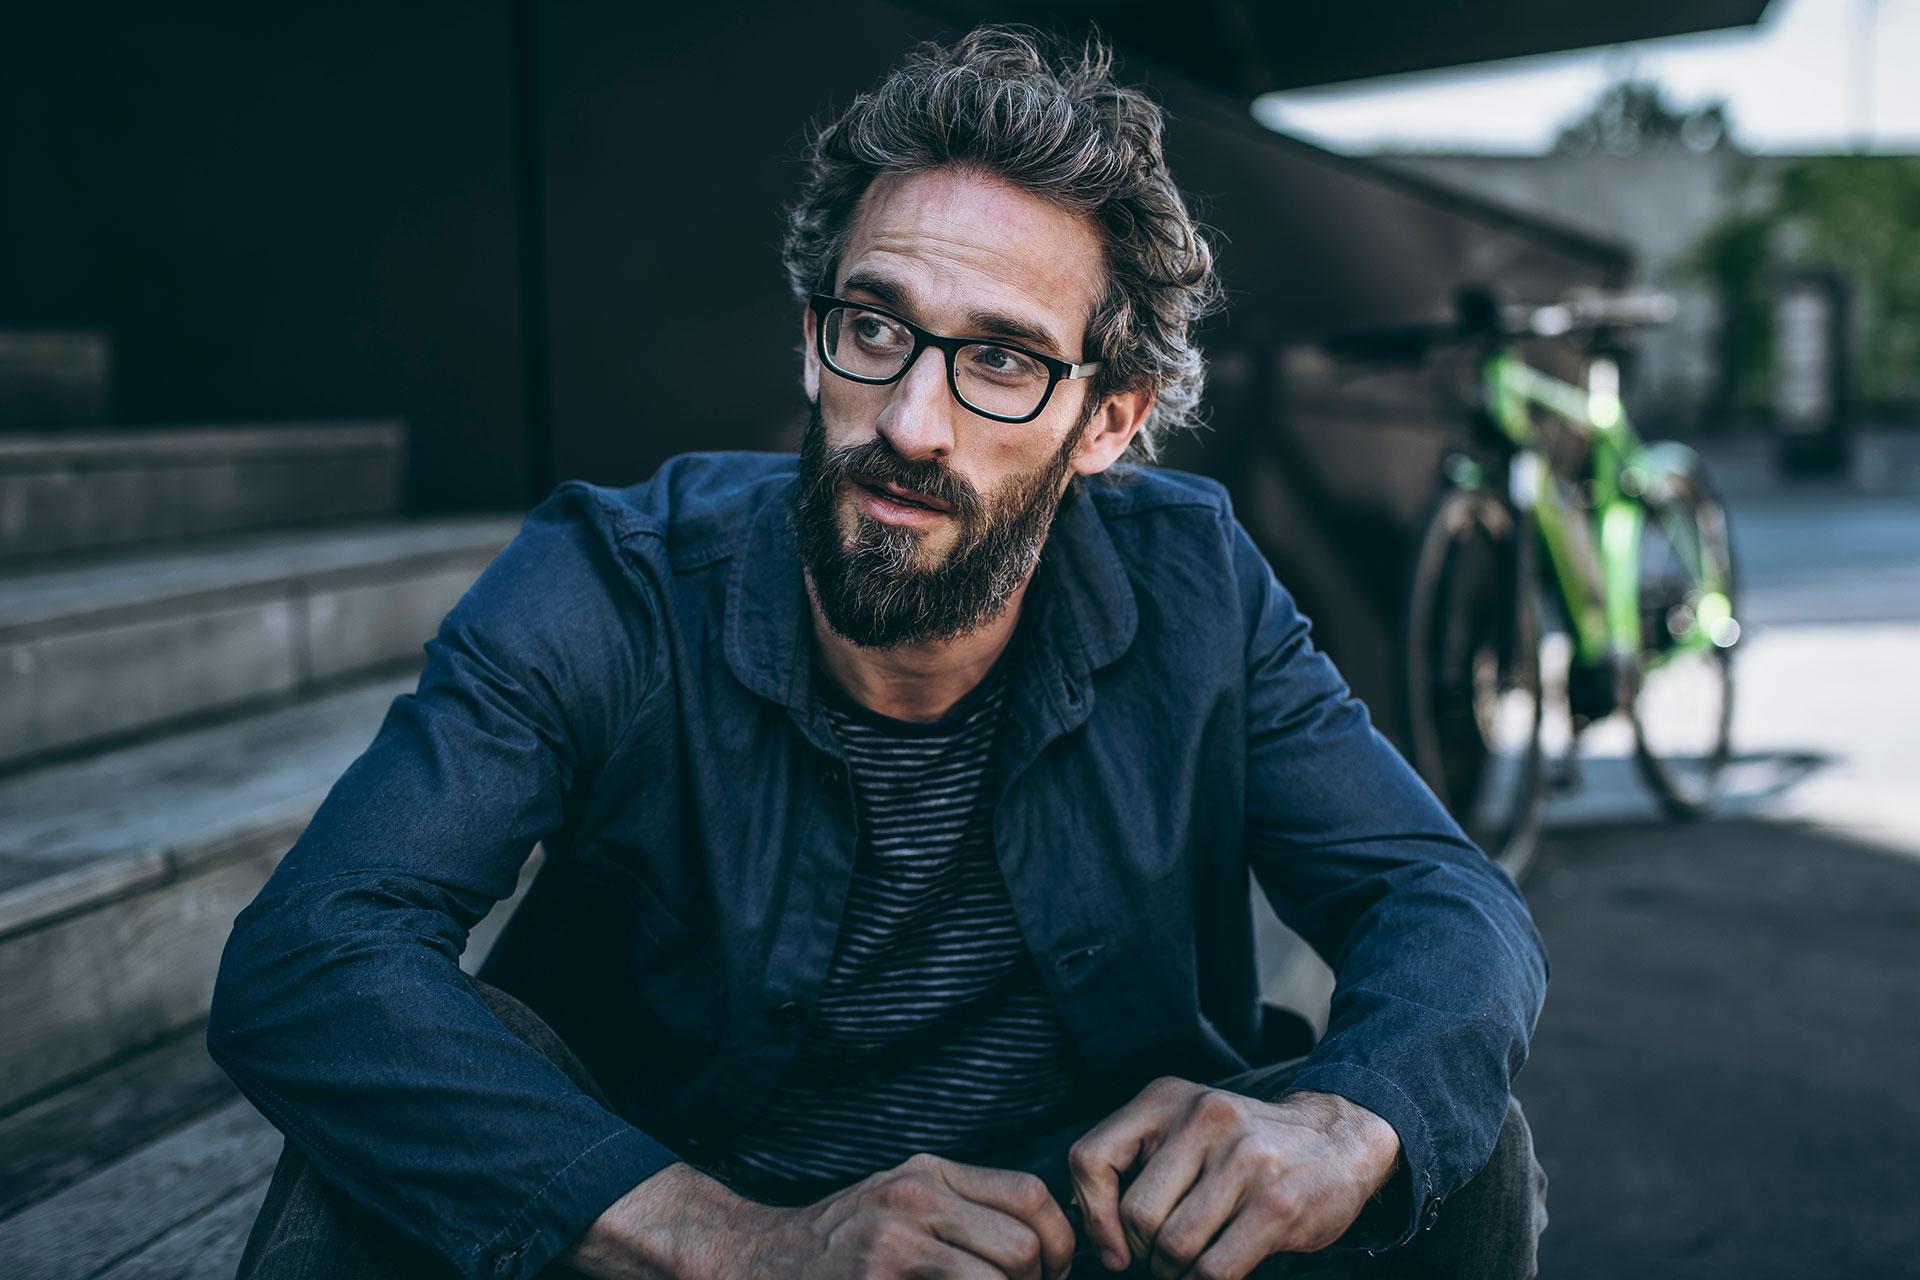 Fahrradfahrer Stadtfahrrad Urban Portrait Michael Müller Wien Österreich